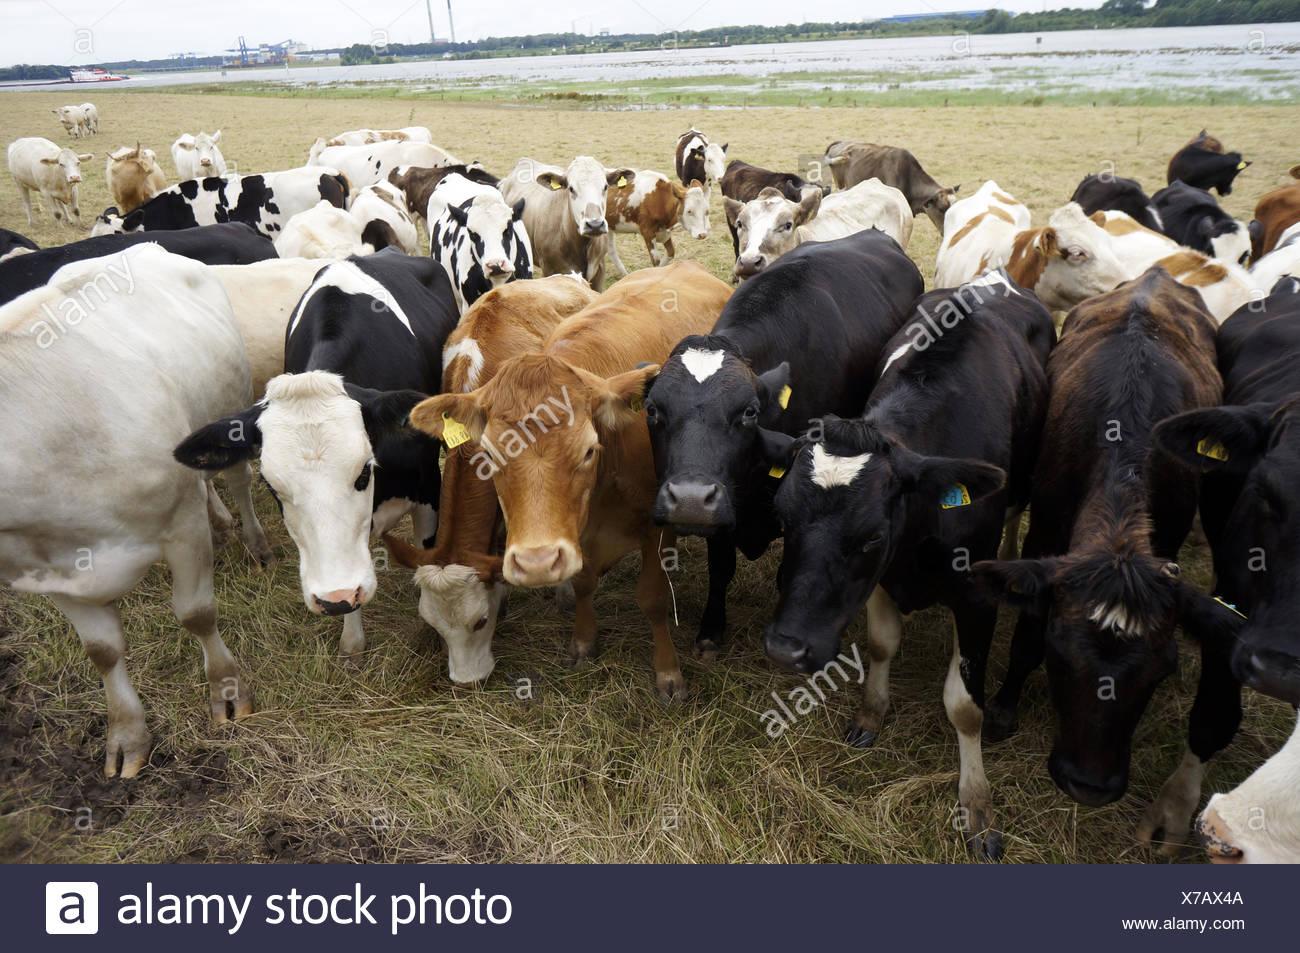 Kuhherde auf einer Weide am Rhein - Stock Image